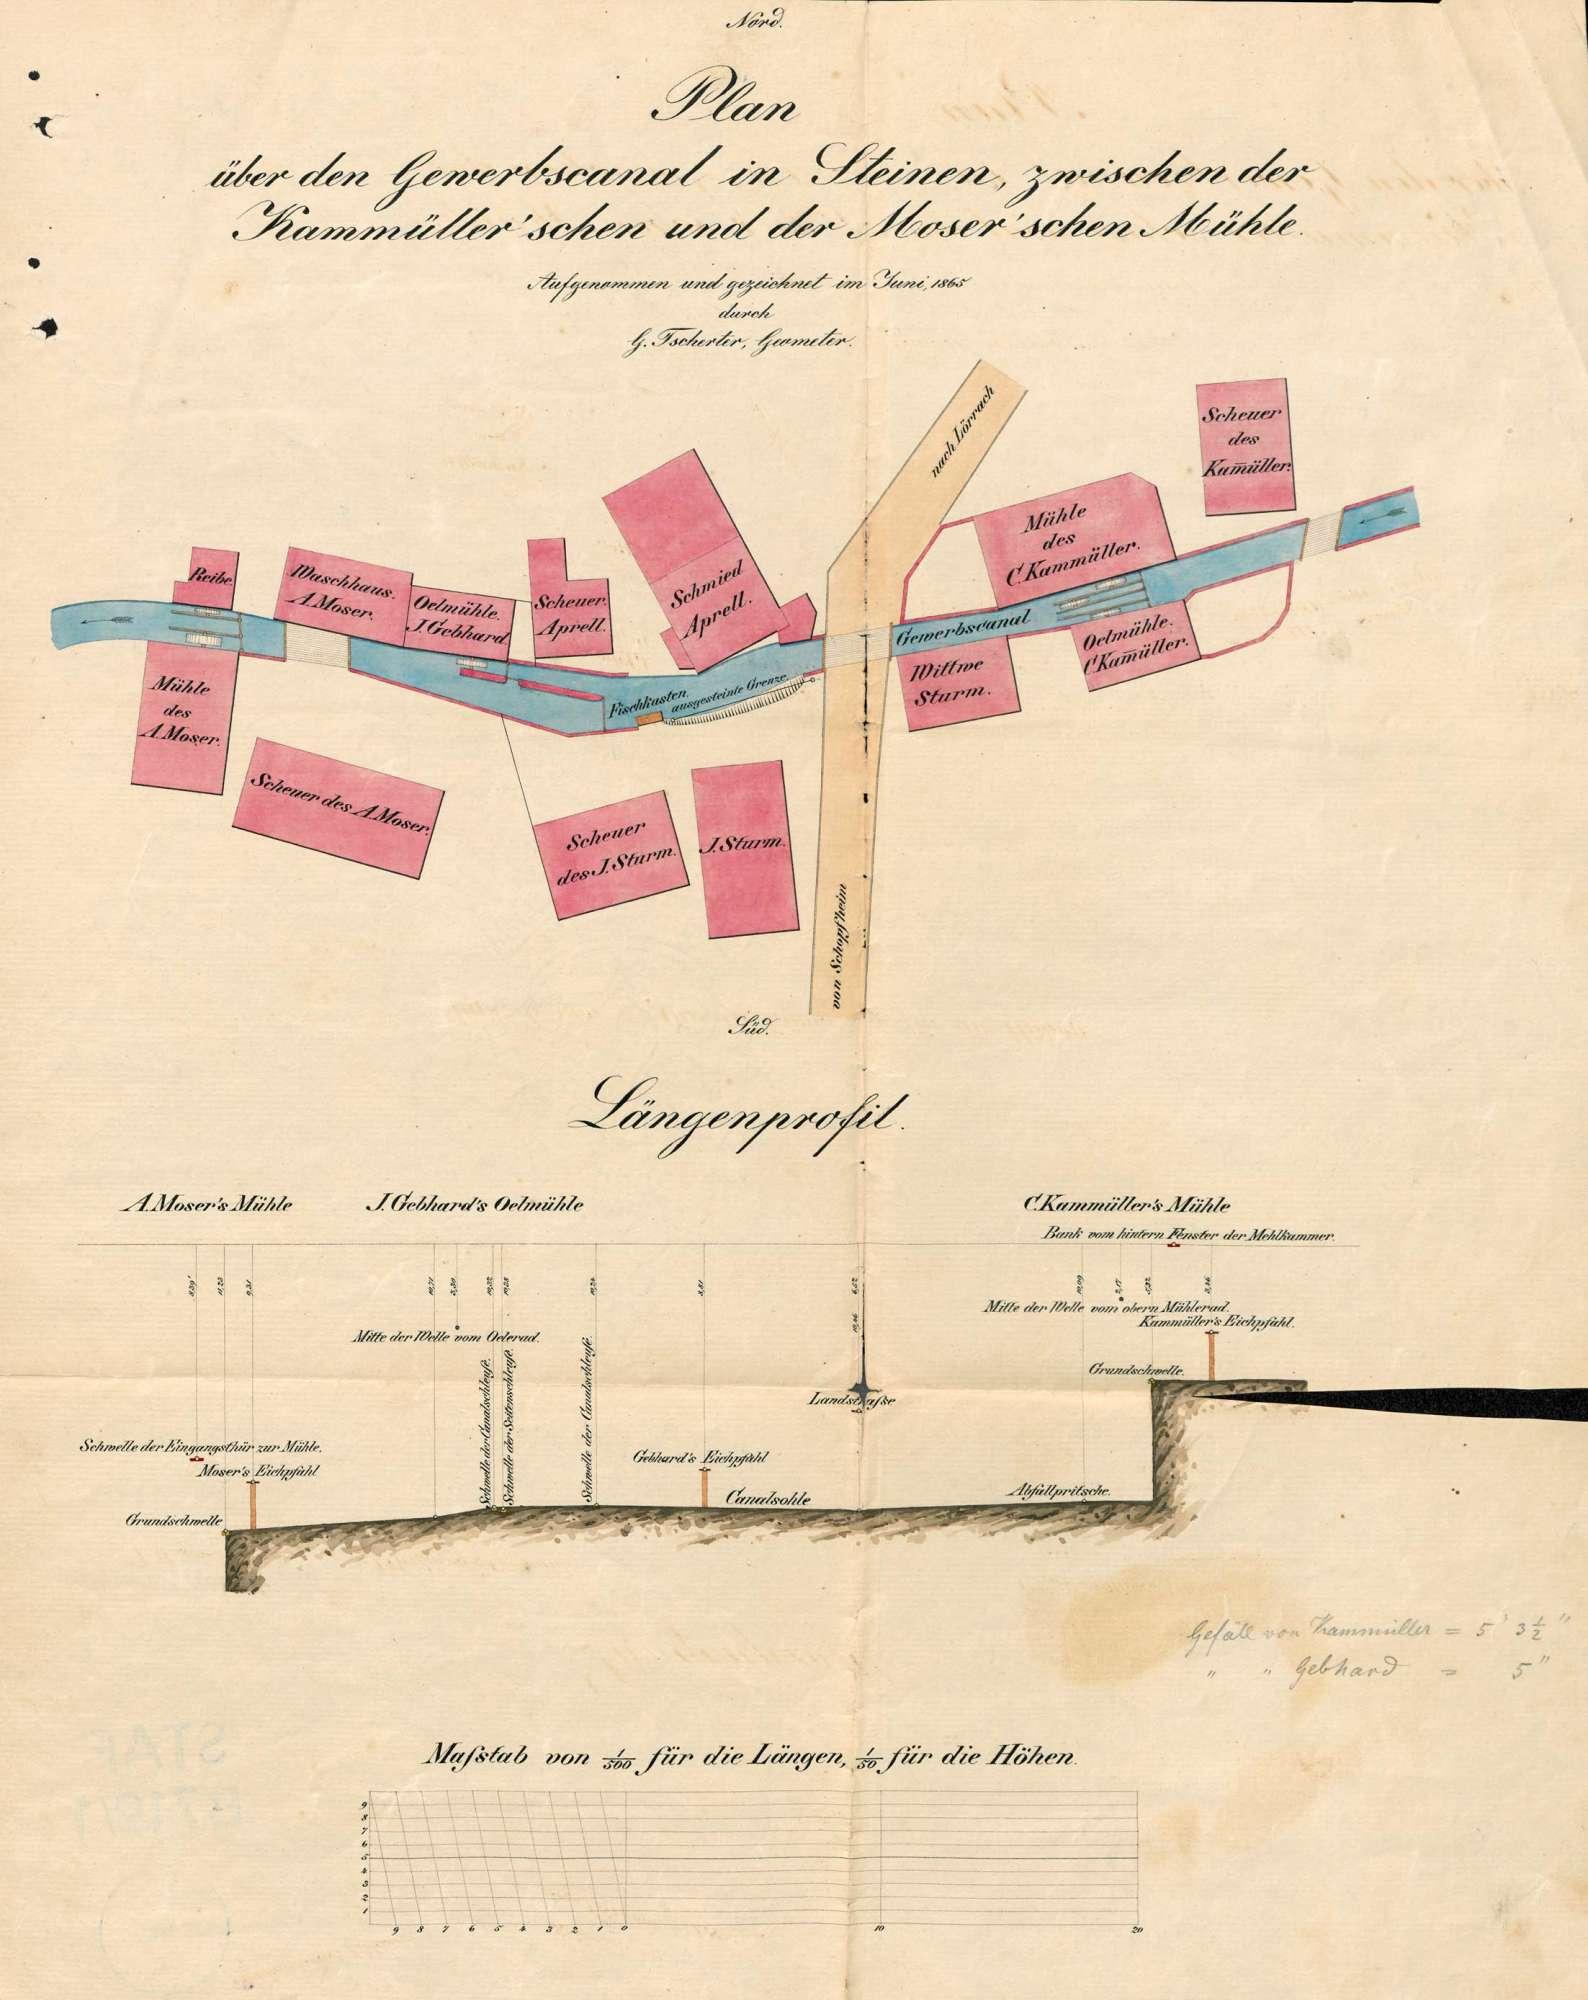 Gesuch der Fa. Wilhelm Geigy & Cie (später: Spinnerei und Weberei Steinen AG) um Genehmigung zur Anlegung eines Dampfkessels, Bild 2